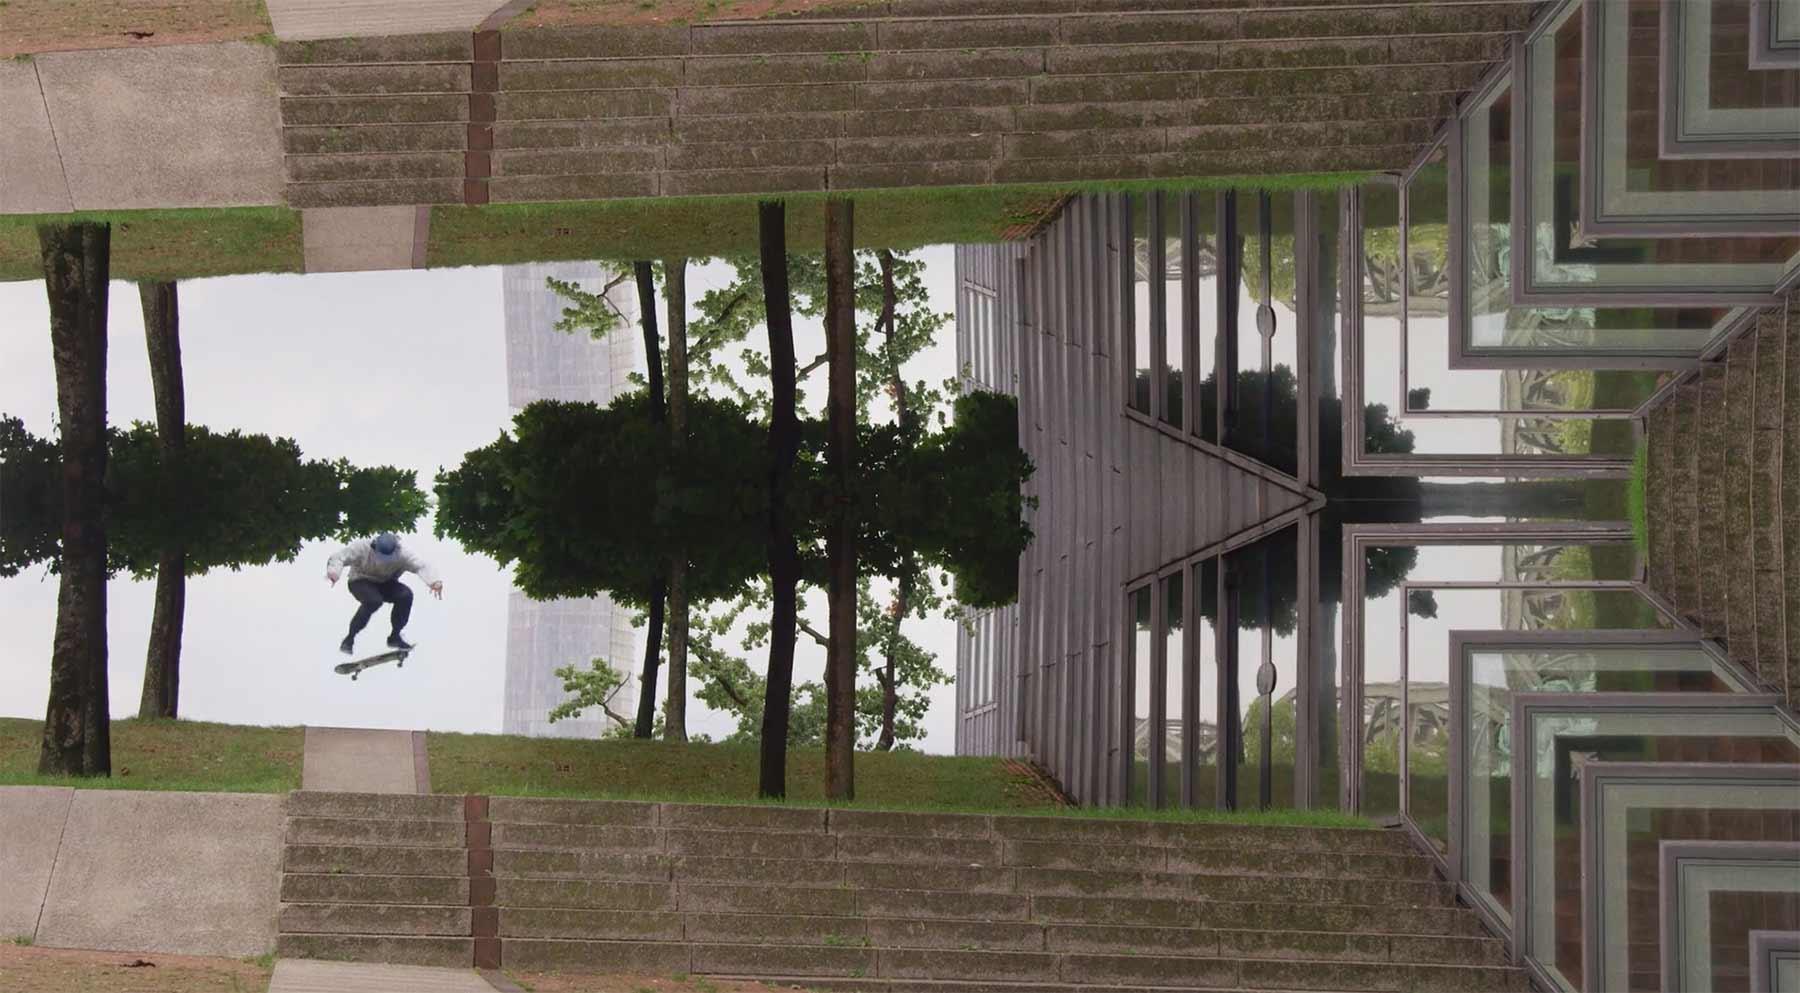 Skateboarding mit Spiegelungseffekt